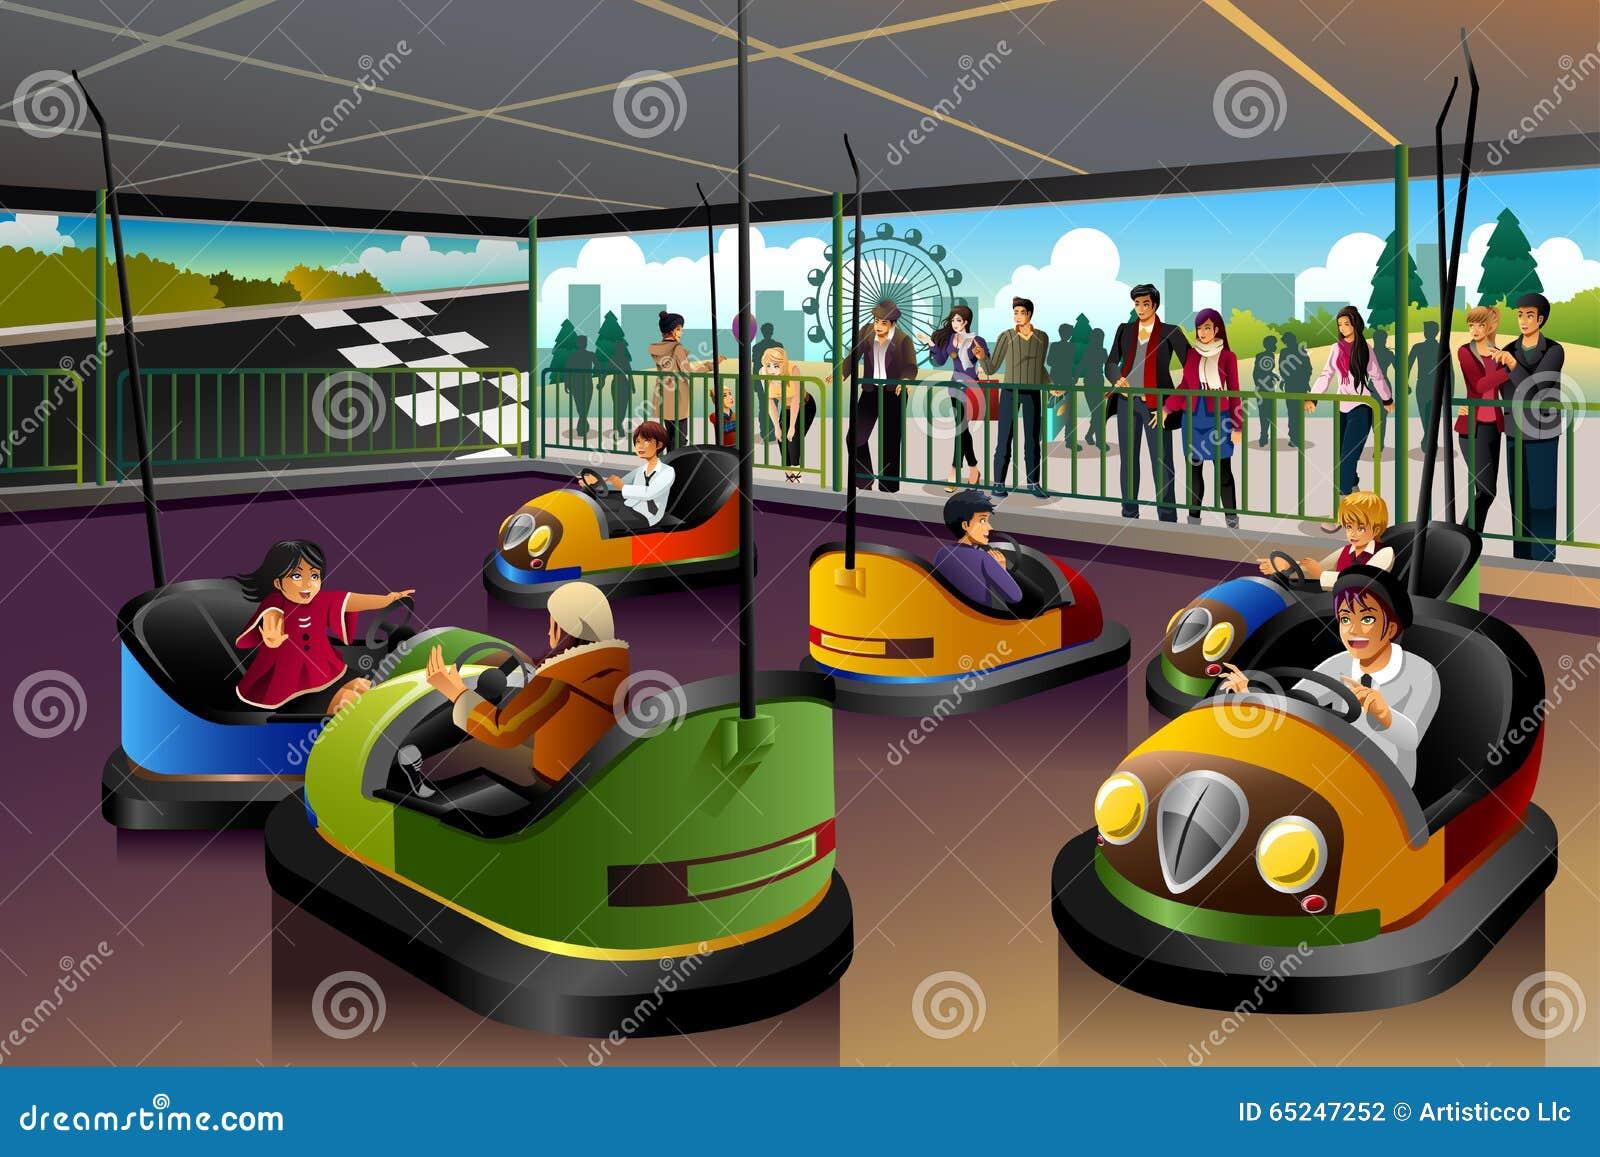 Auto Spiele FГјr Kindern Kostenlos